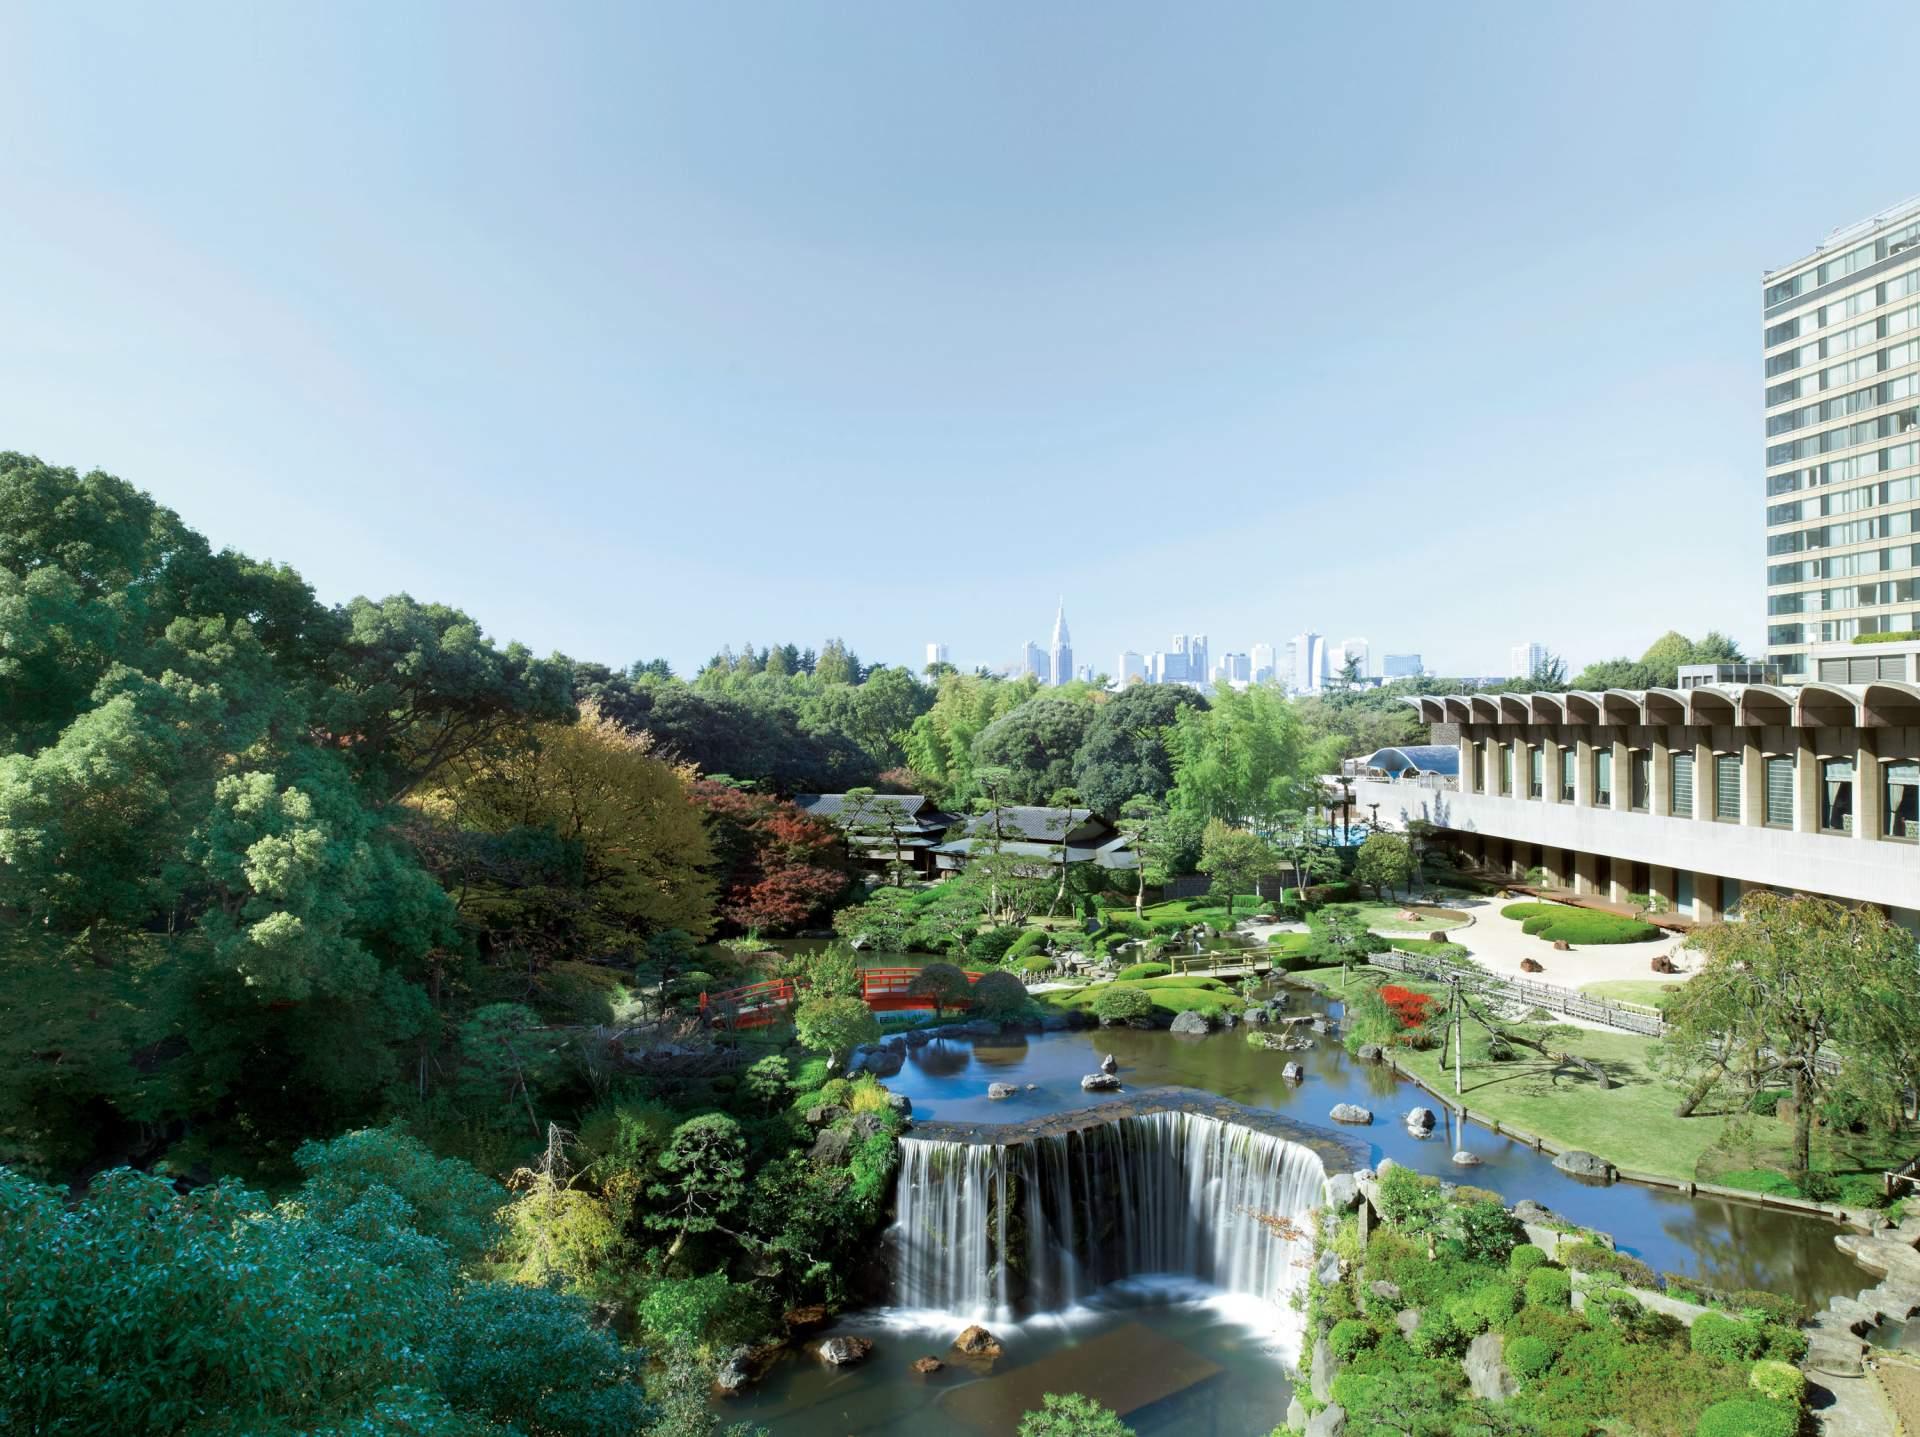 一览美丽的日本庭园